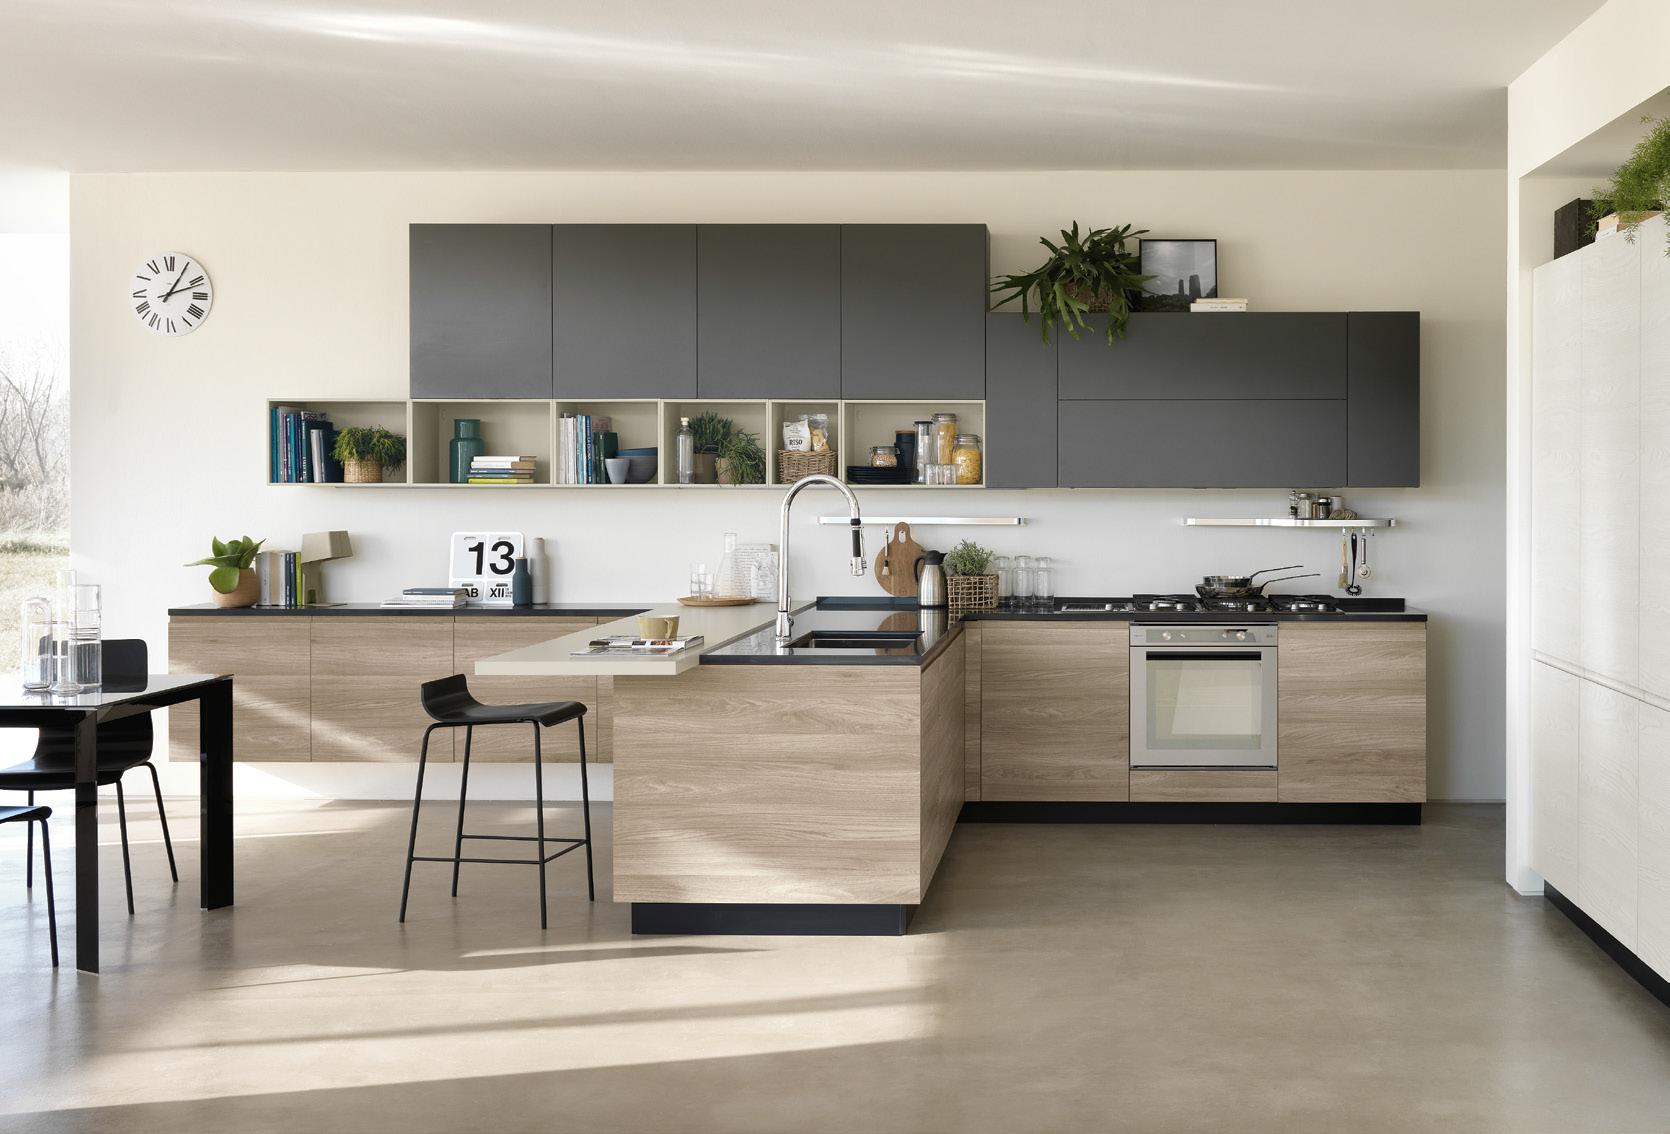 Colori Cucine Moderne: Cucine Ma Quali Sono I Modelli Del Catalogo  #3B505D 1670 1134 Mobili Componibili Per Cucina Ikea